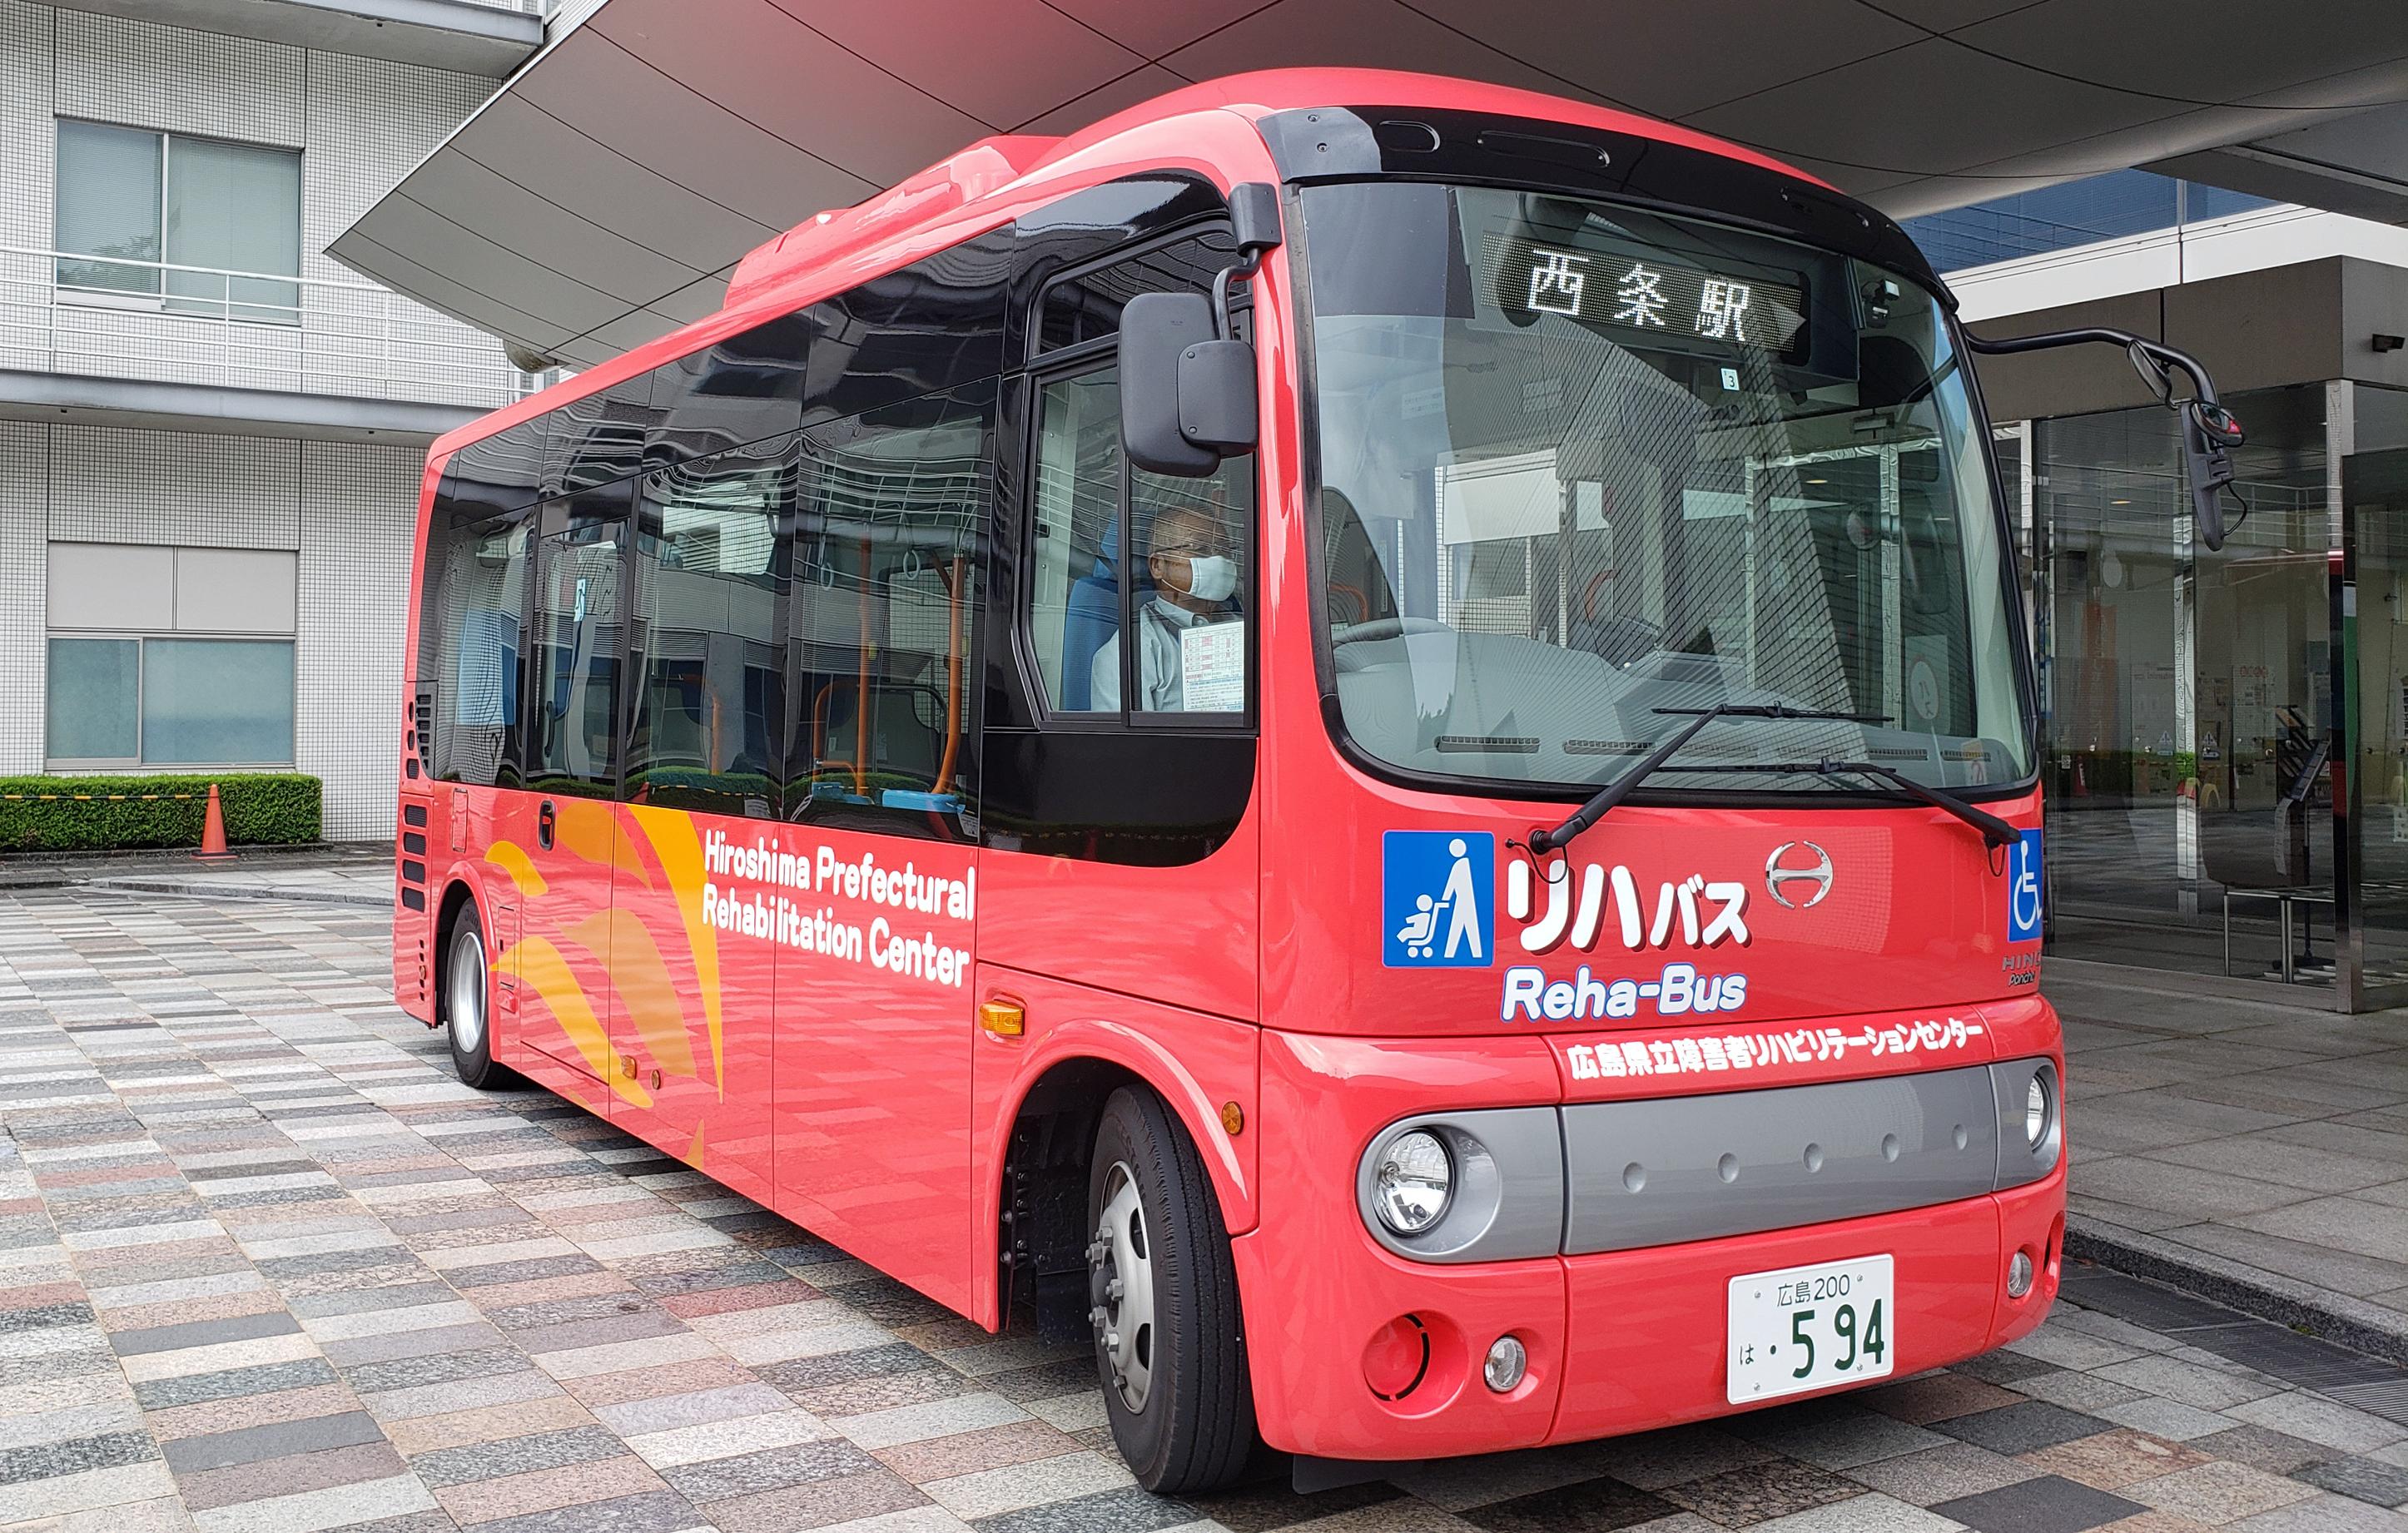 康复中心巴士&广场巴士